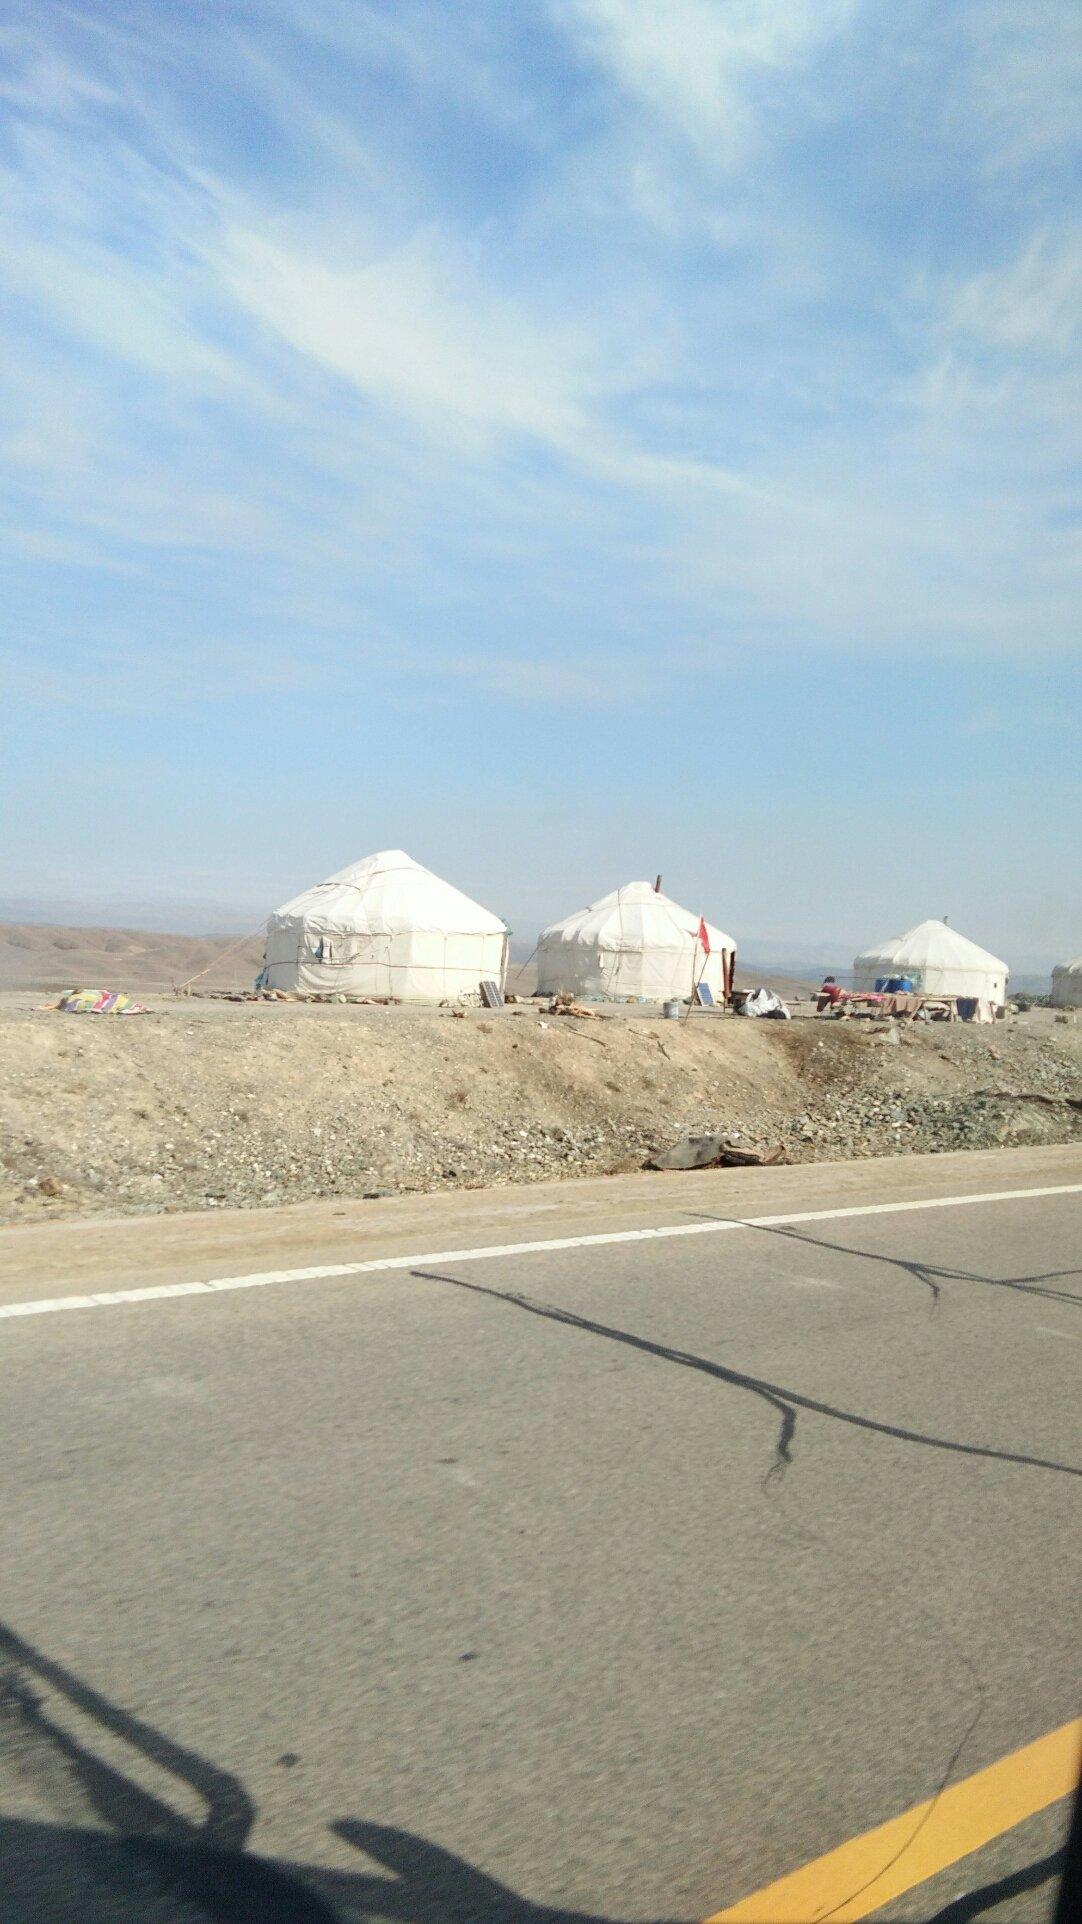 新疆维吾尔自治区阿勒泰地区富蕴县喀拉布勒根乡216国道天气预报